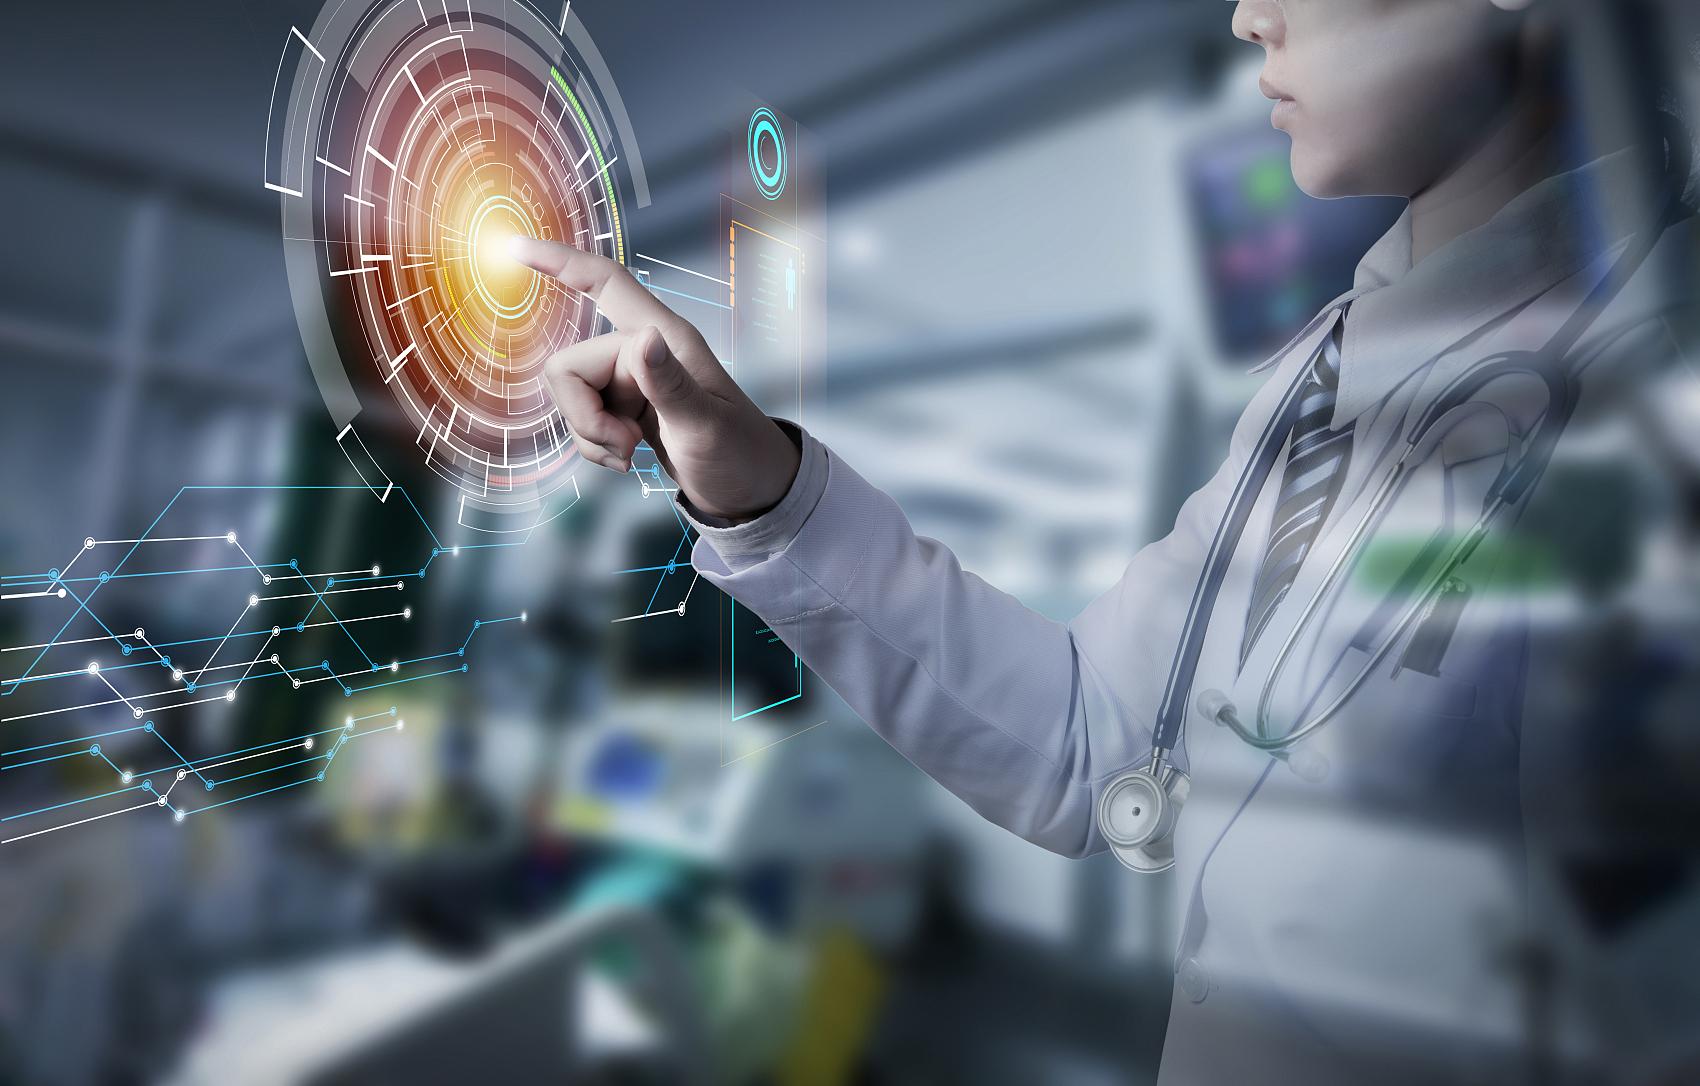 解读互联网医疗编年史,如何预判行业终局? 互联网领域